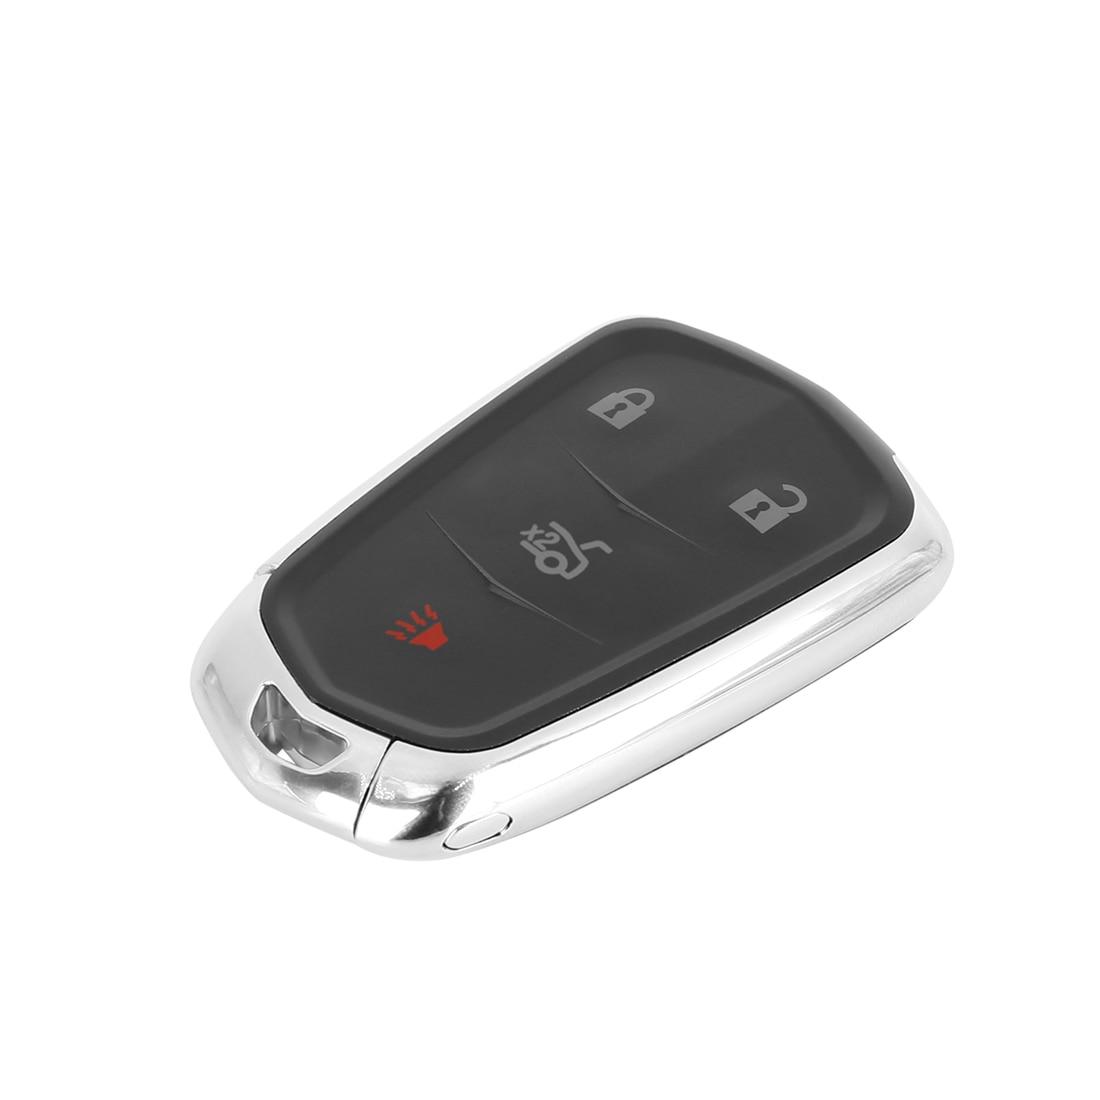 X Autohaux nouvelle voiture clé à distance sans clé housse coque gousset noir voiture clé Case remplacement HYQ2AB pour Cadillac XTS 2015-2018